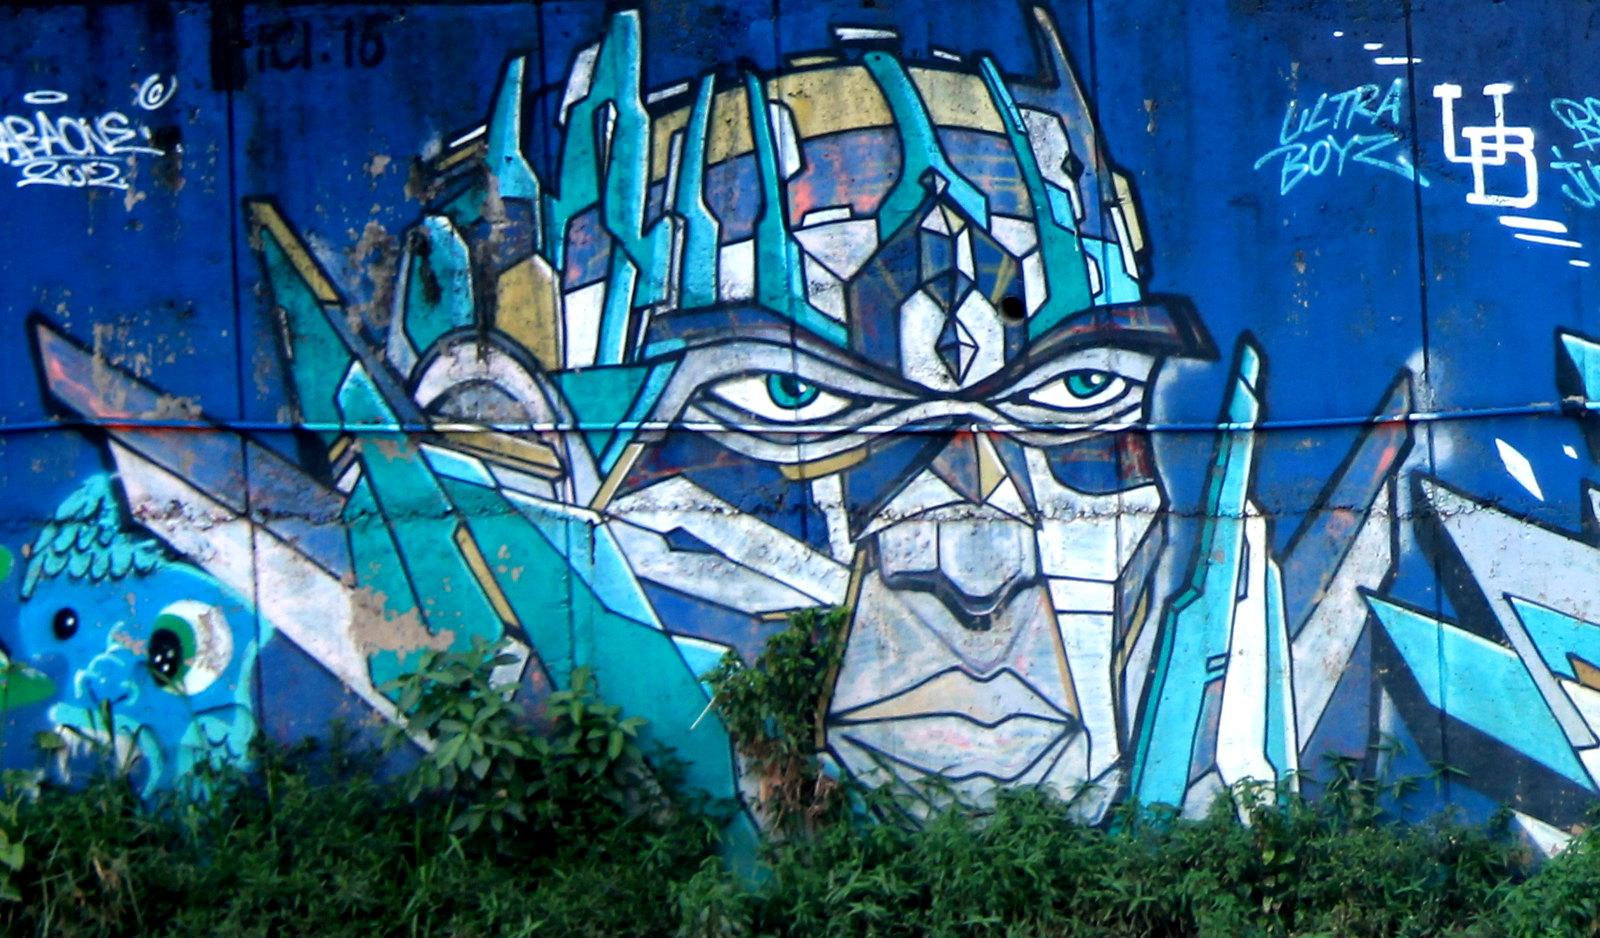 Street art can be seen in Kuala Lumpur